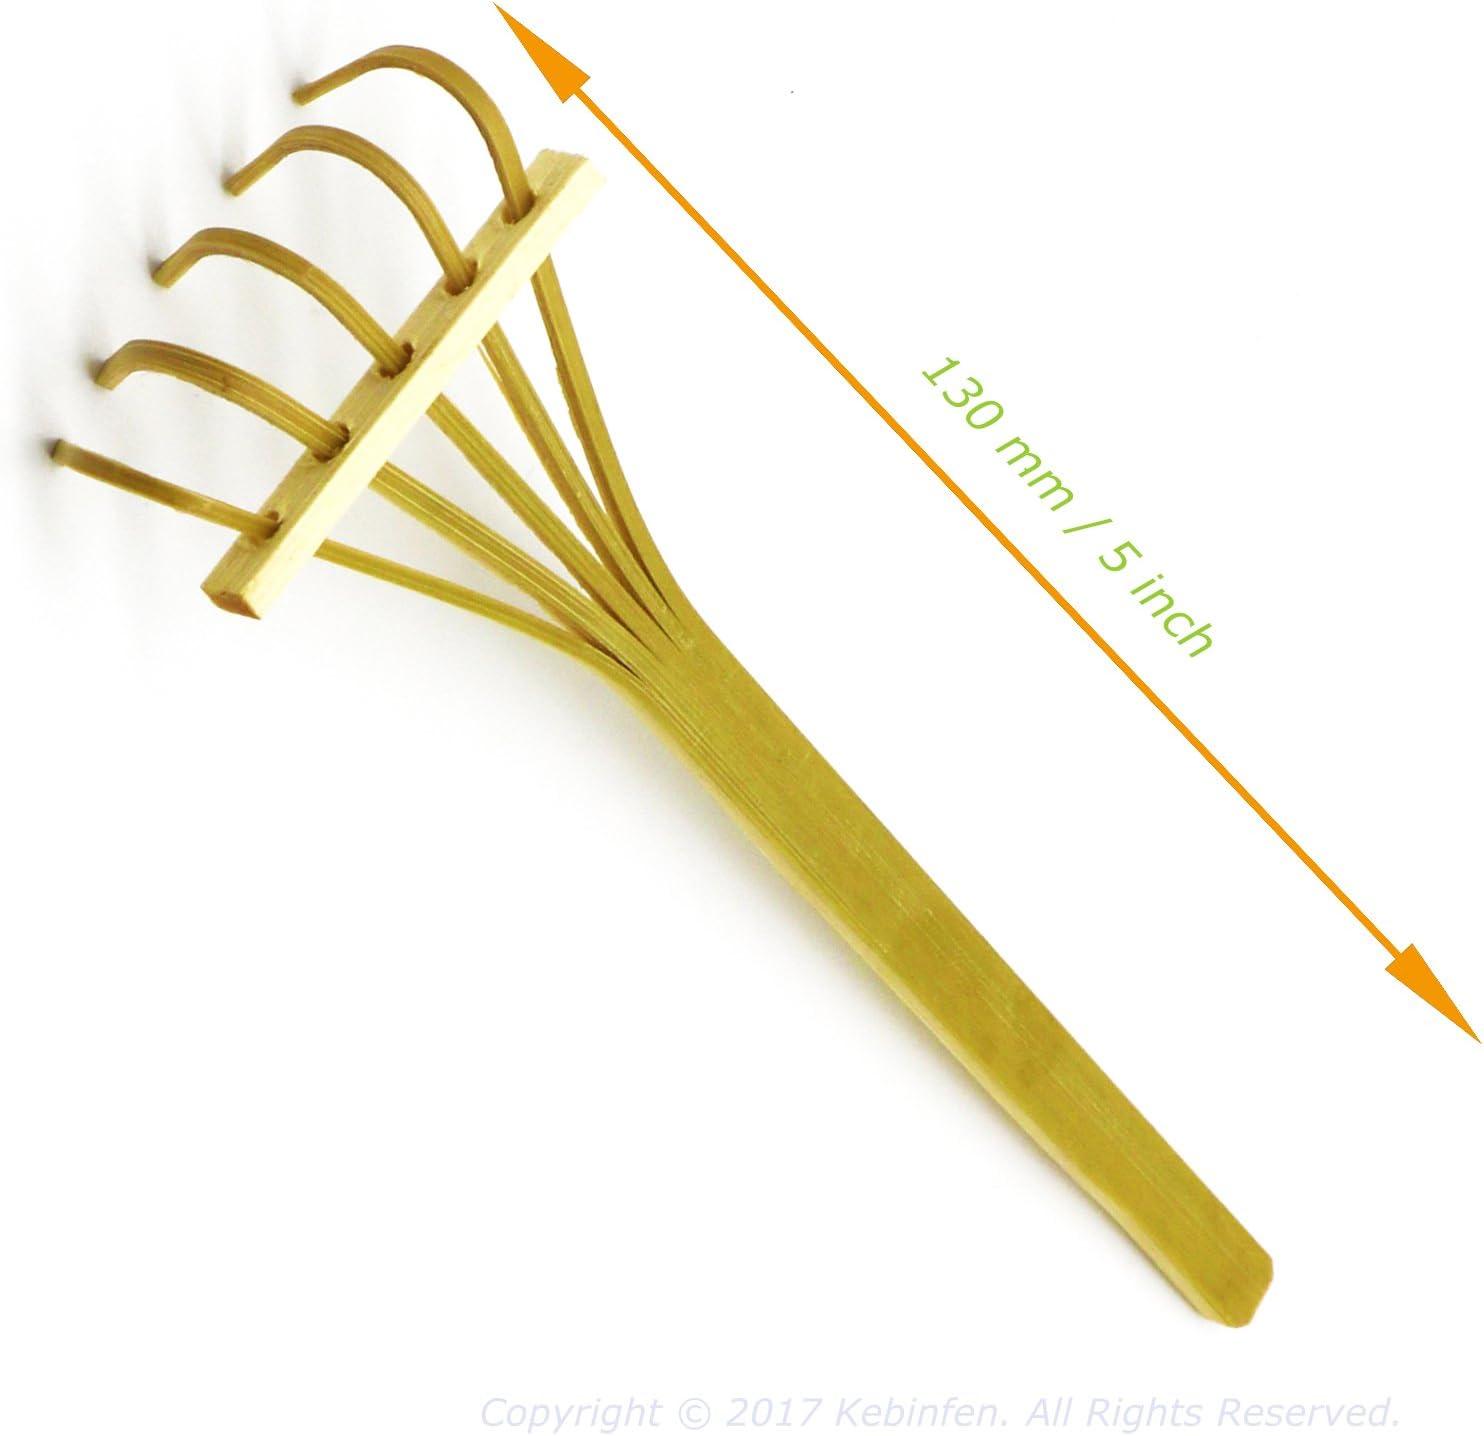 Manico Lungo 205mm Strumento Per Tagliare Potatura dellAlbero dei Bonsai Bud /& Leaves Cesoia Forbici Per Bonsai Attrezzatura da Giardino